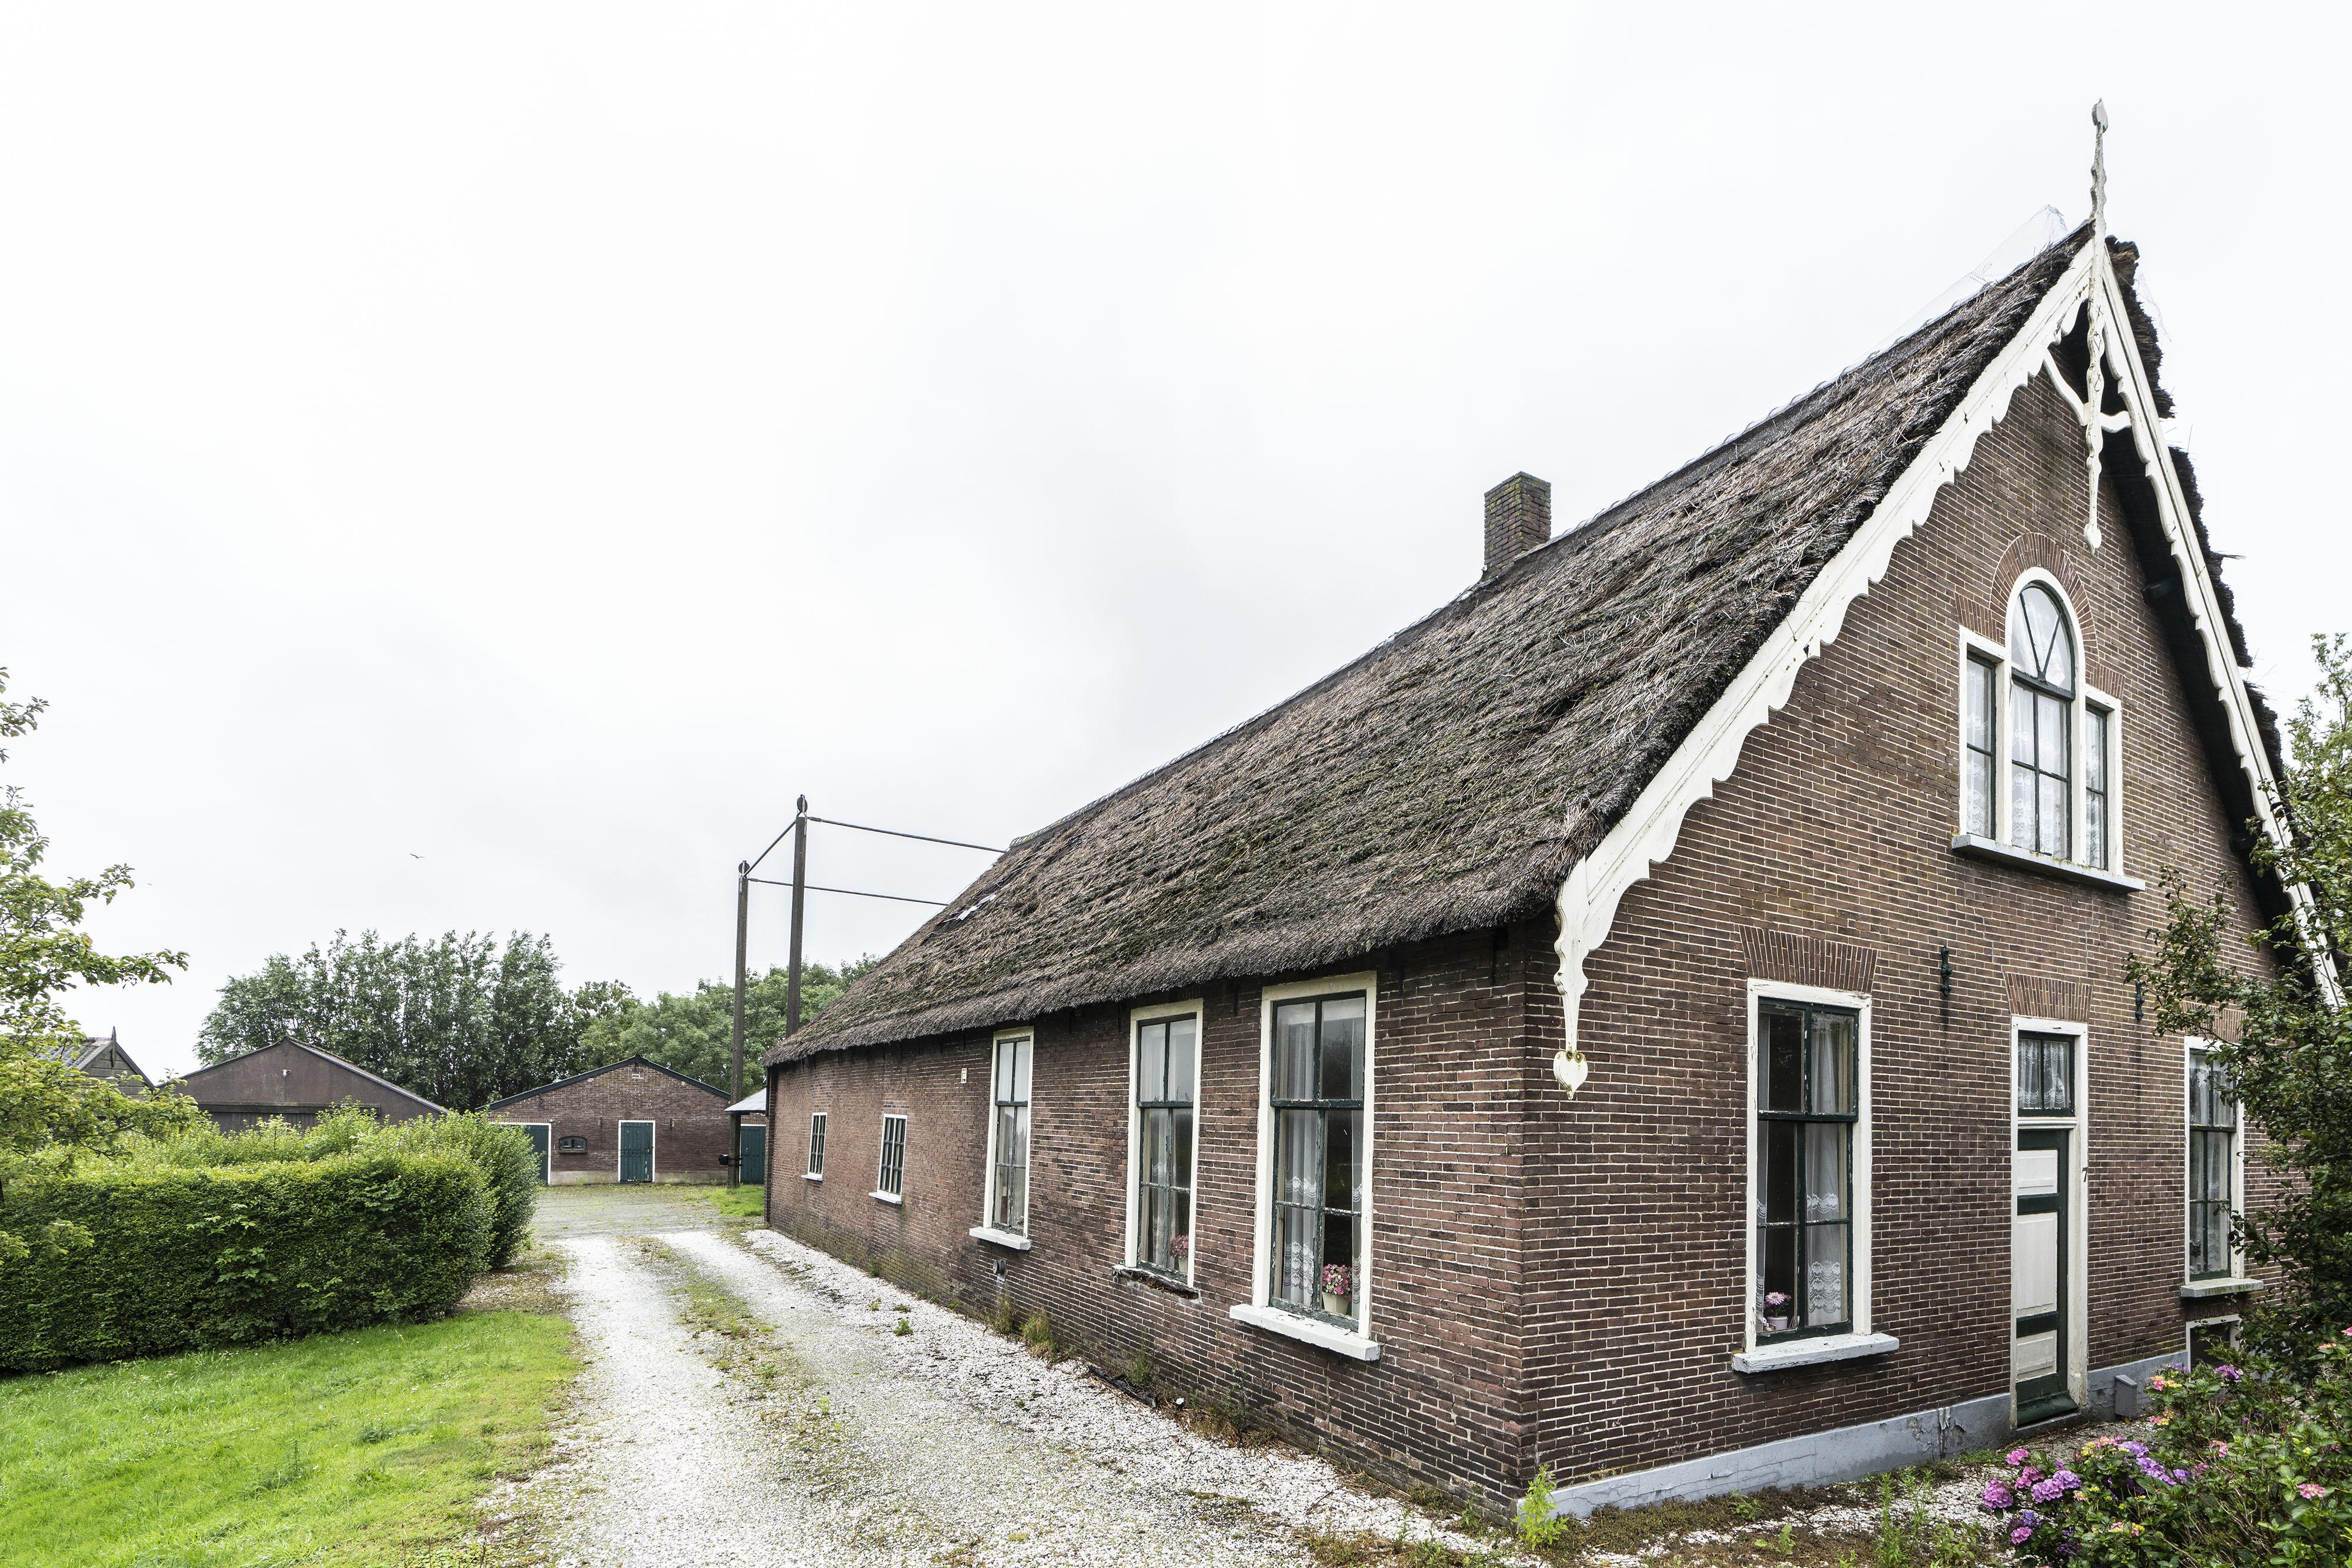 Nieuwbouw op plek oude boerderij Ofwegen zorgt voor 'ruimtelijke kwaliteitsverbetering'